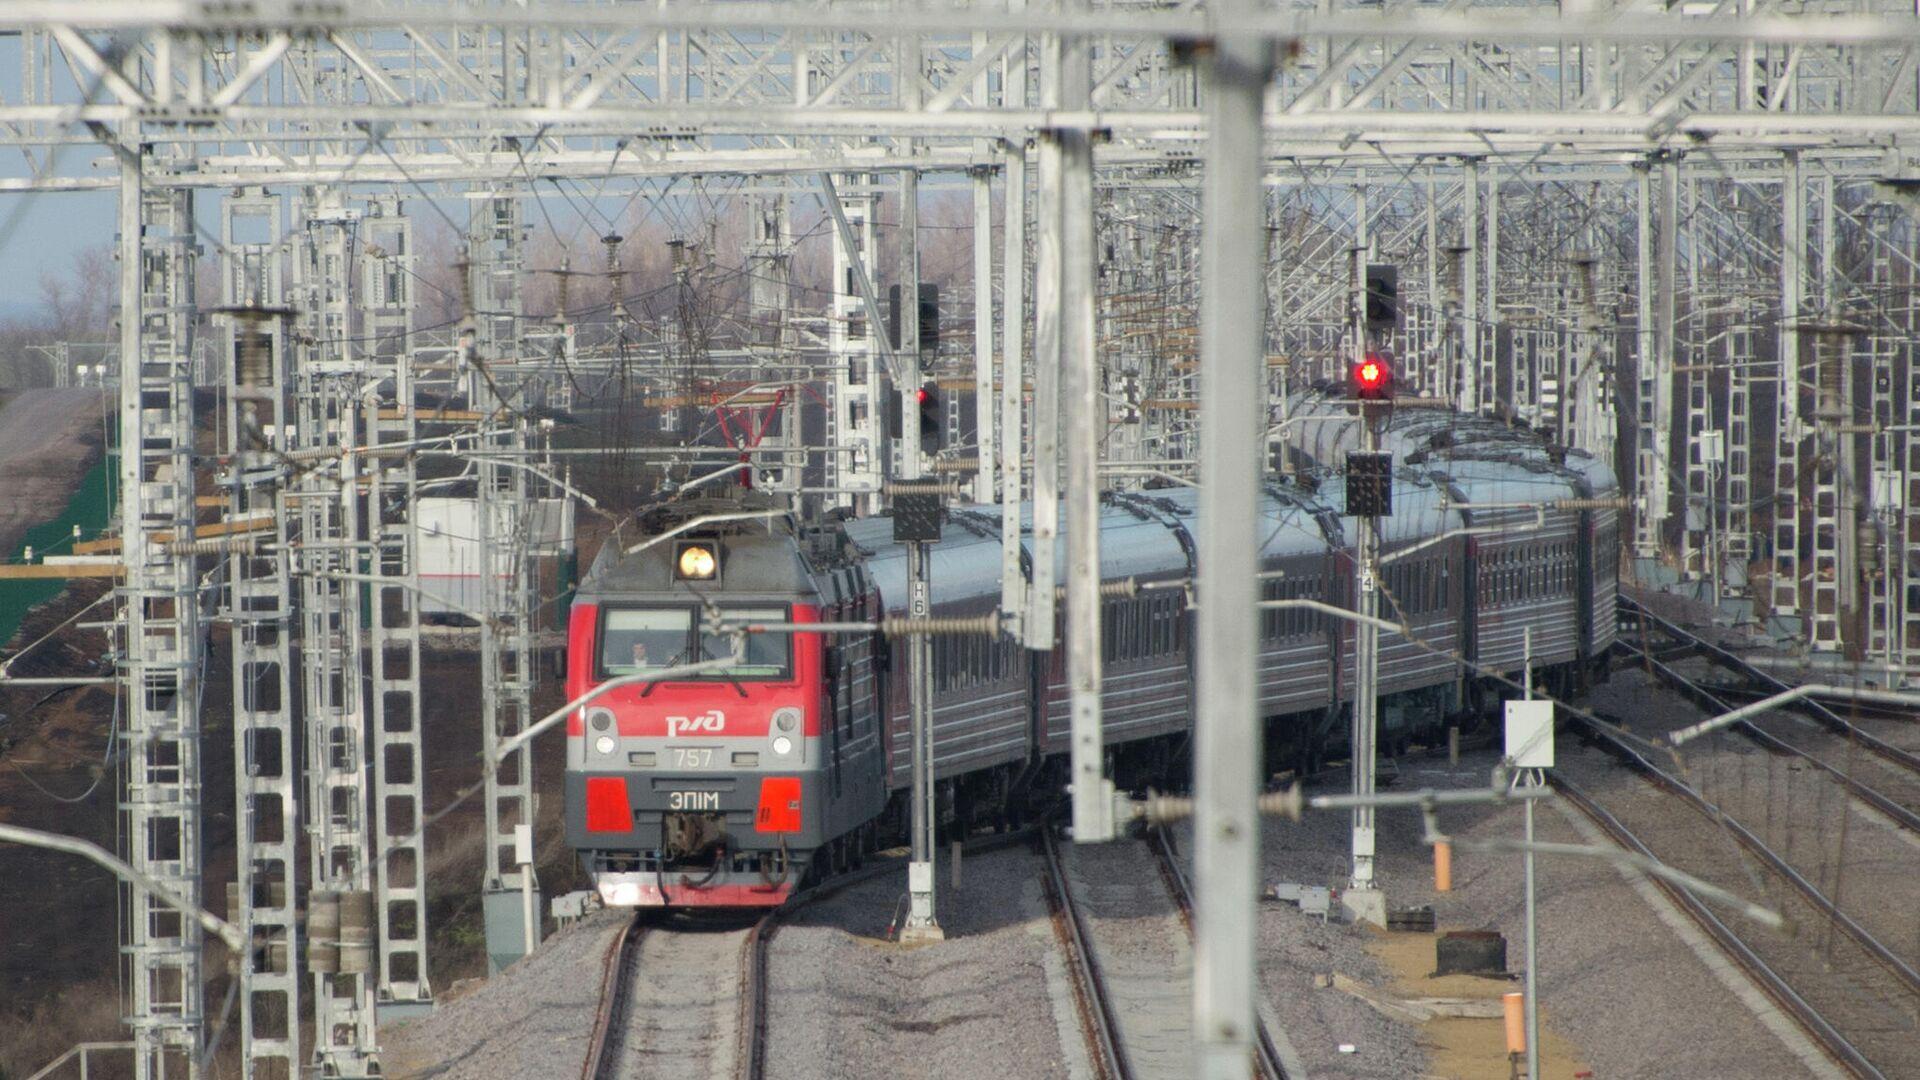 Пассажирский поезд - РИА Новости, 1920, 31.07.2021